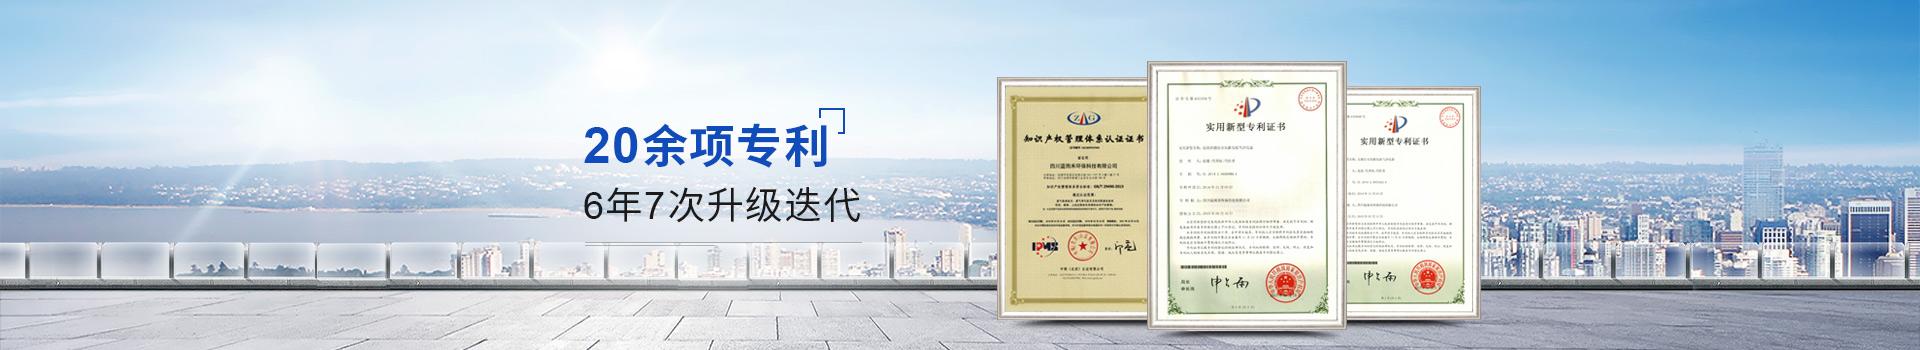 废气处理设备:20余项专利